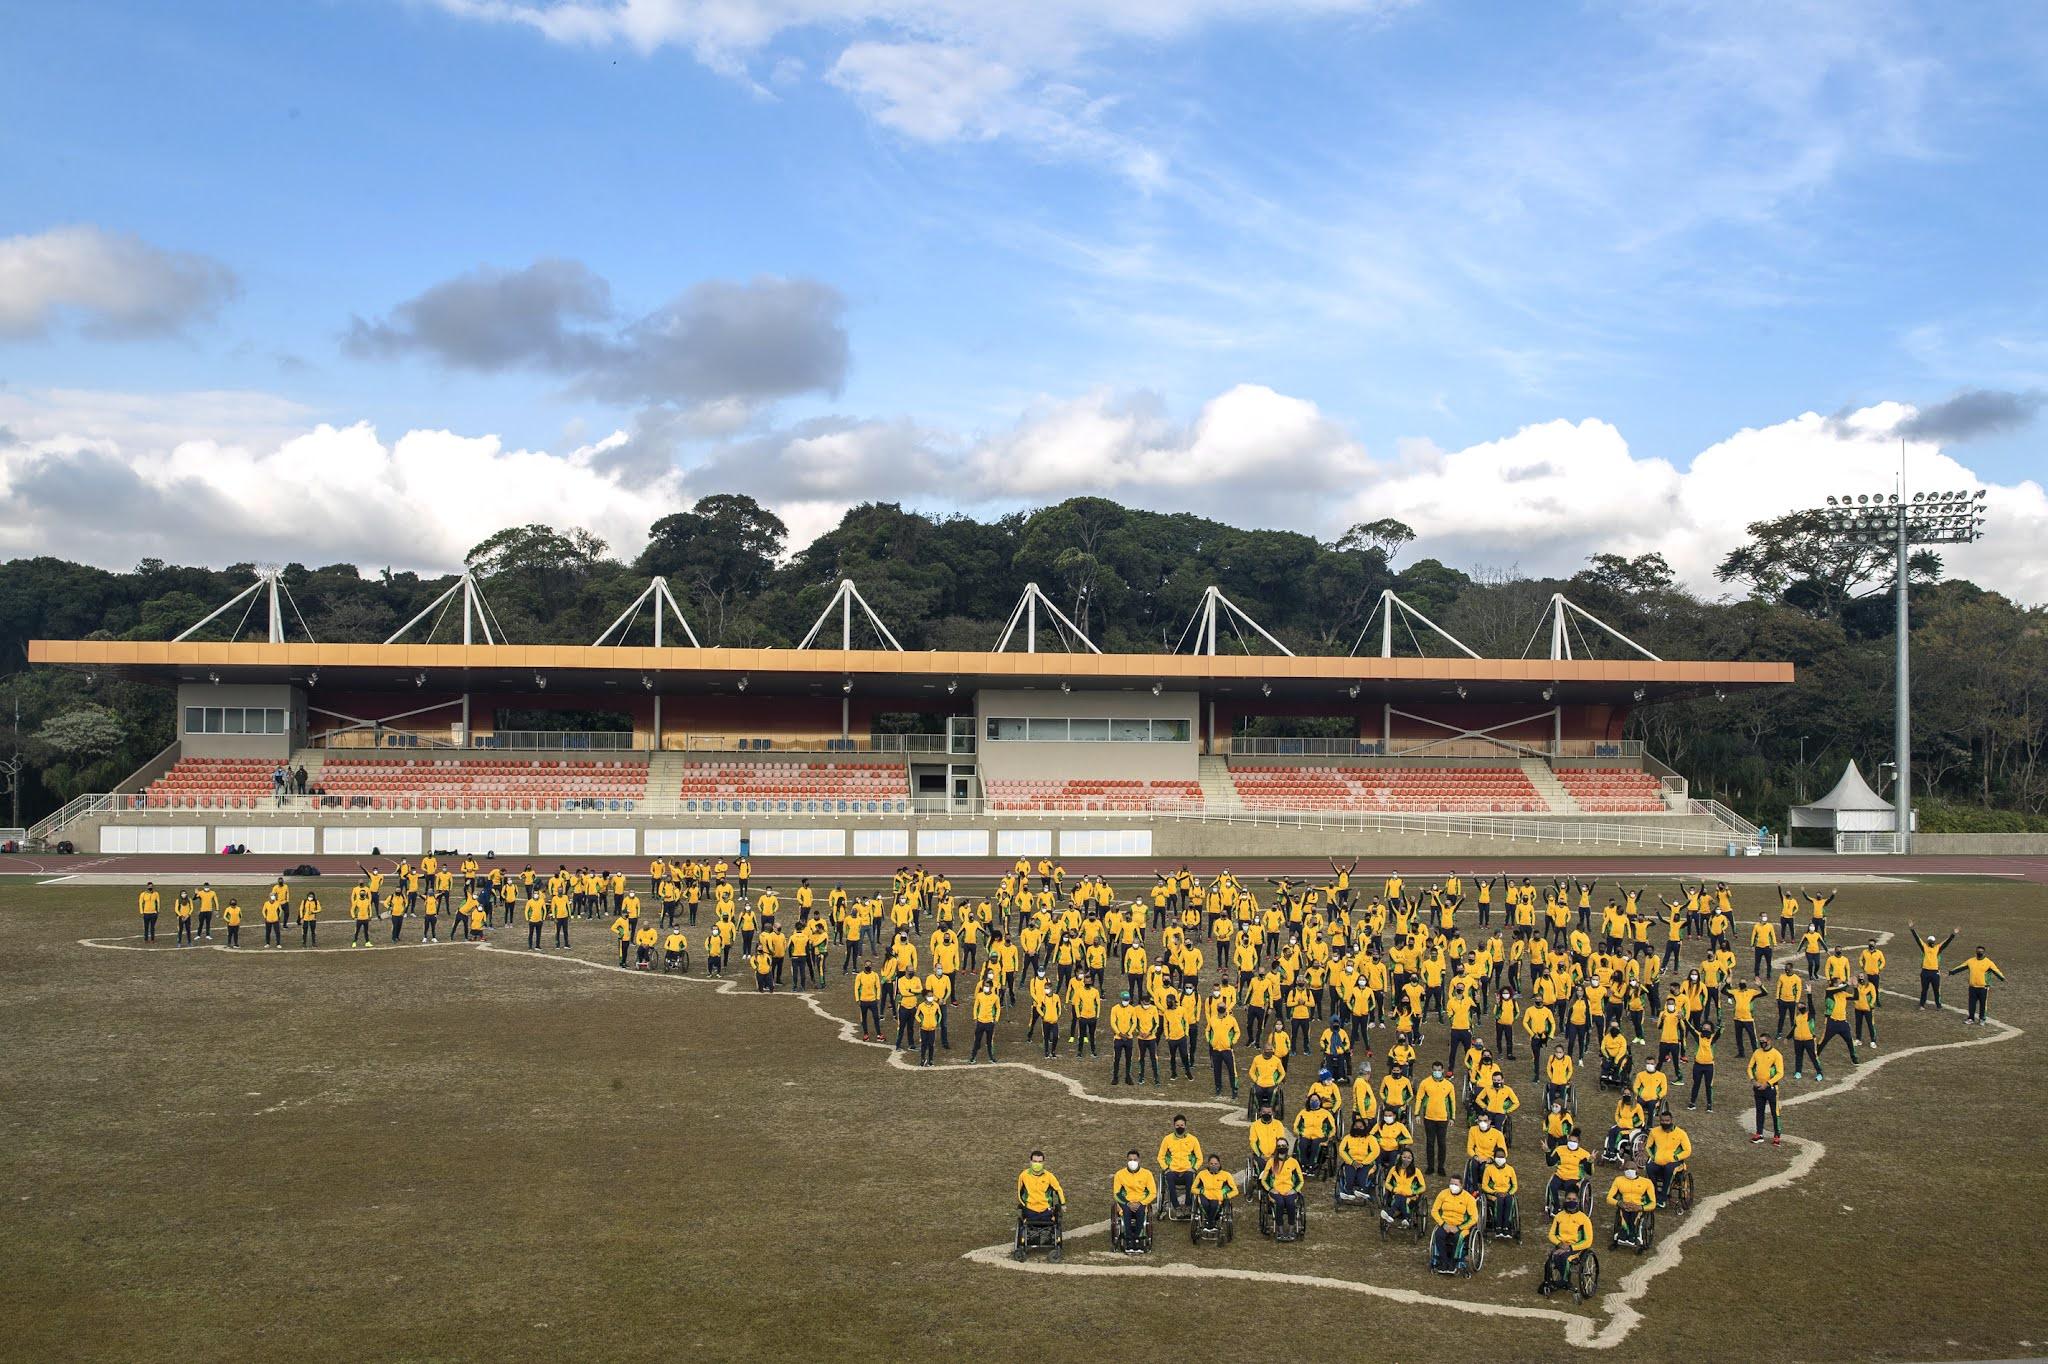 260 atletas representarão o Brasil em Tóquio 2020